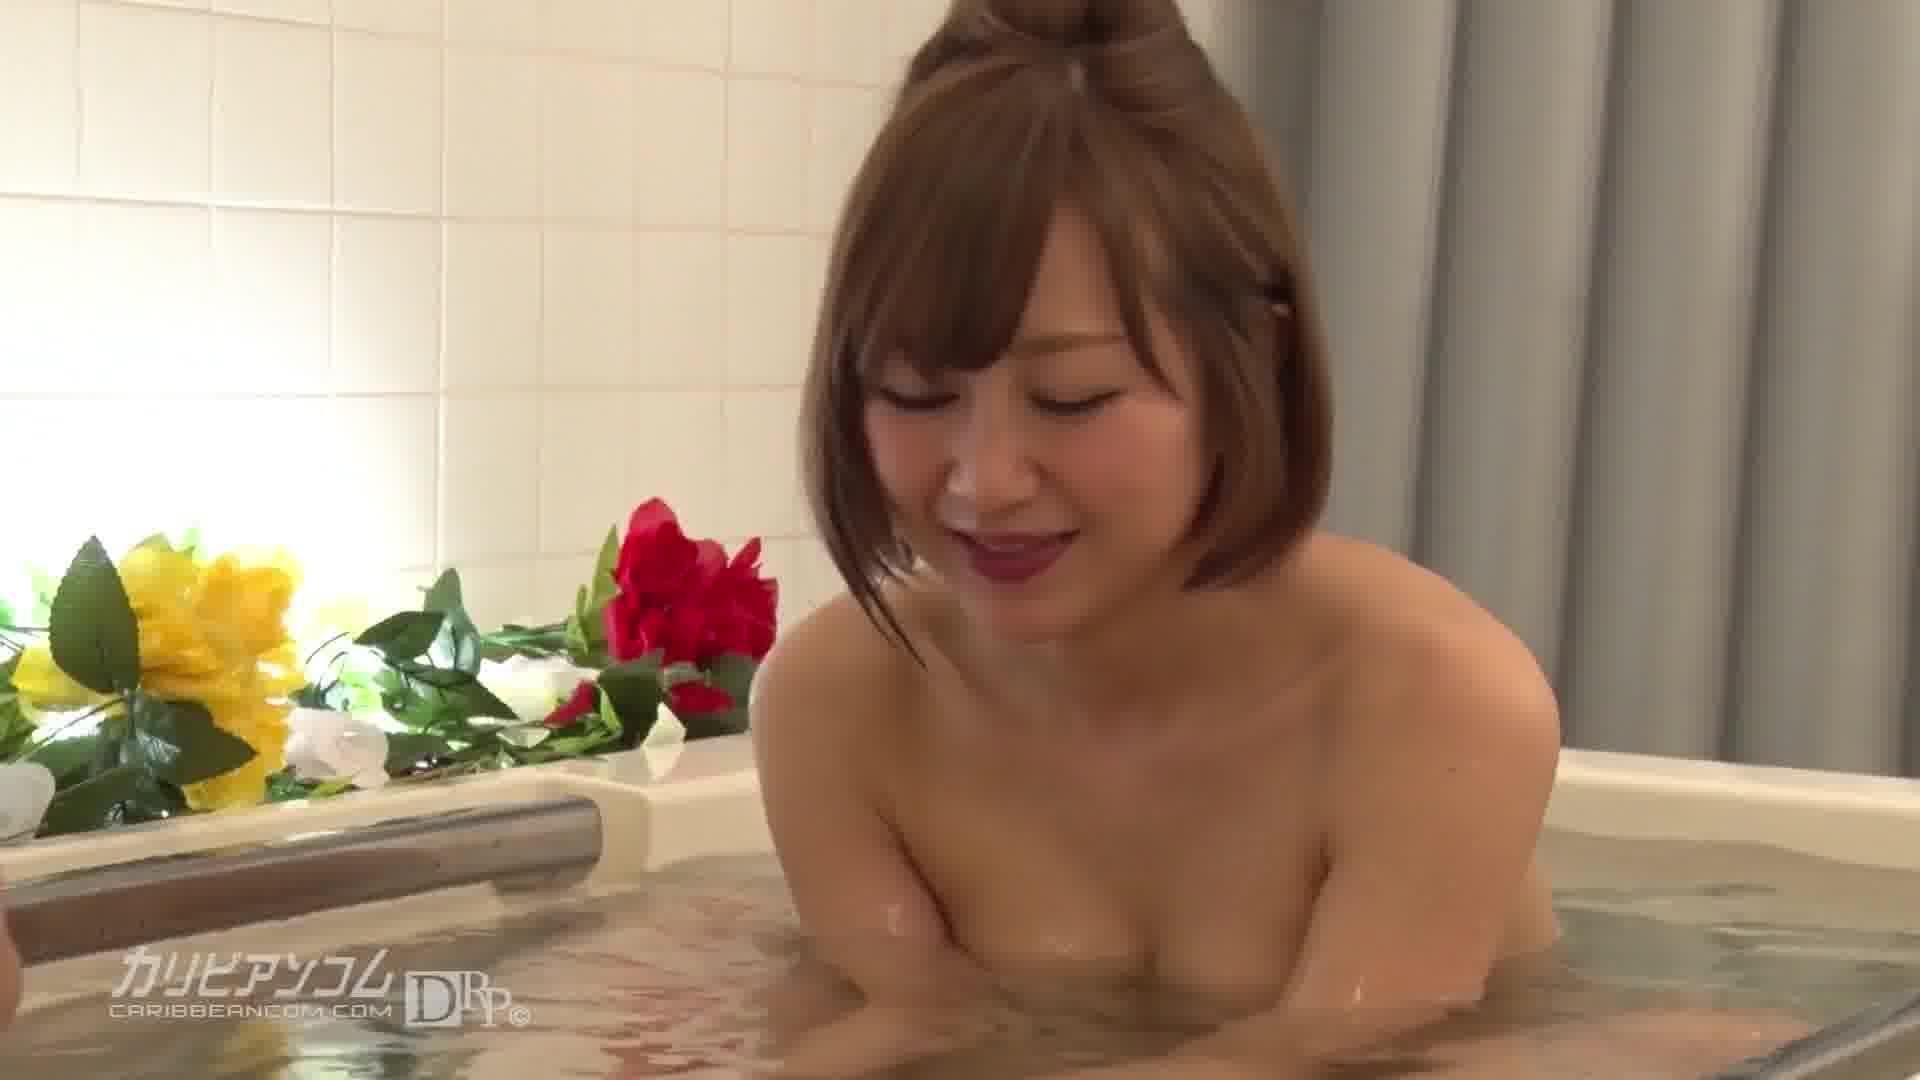 極上泡姫物語 Vol.47 - 梢あをな【ごっくん・美乳・中出し】